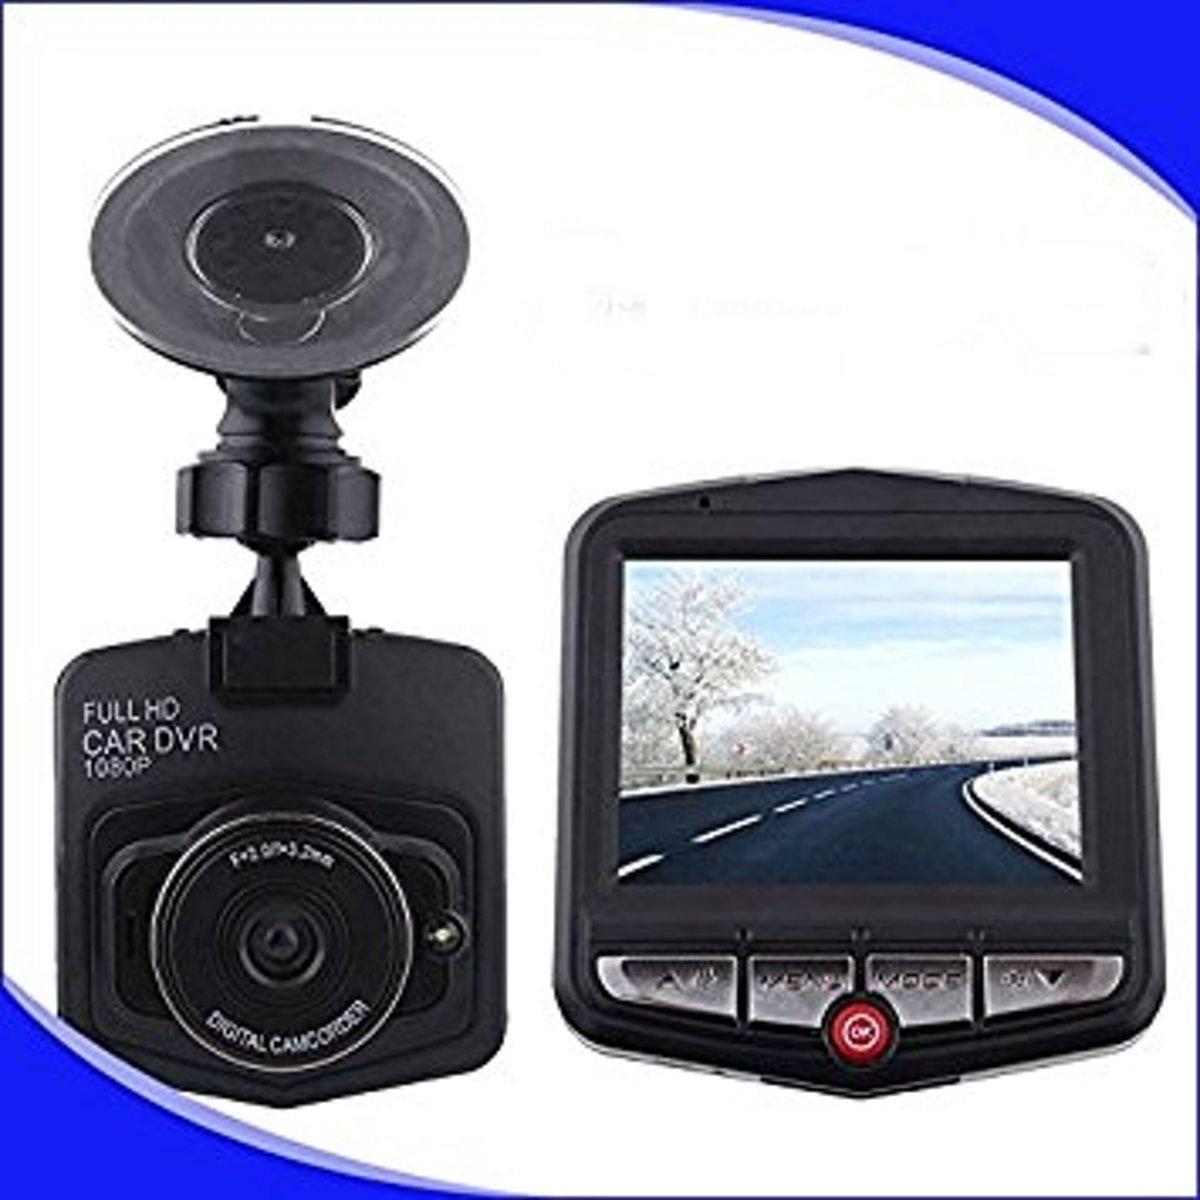 Sport HD 1080P Action Camera ? Roze ? Inclusief Waterdichte Behuizing ? Voor foto?s en video?s